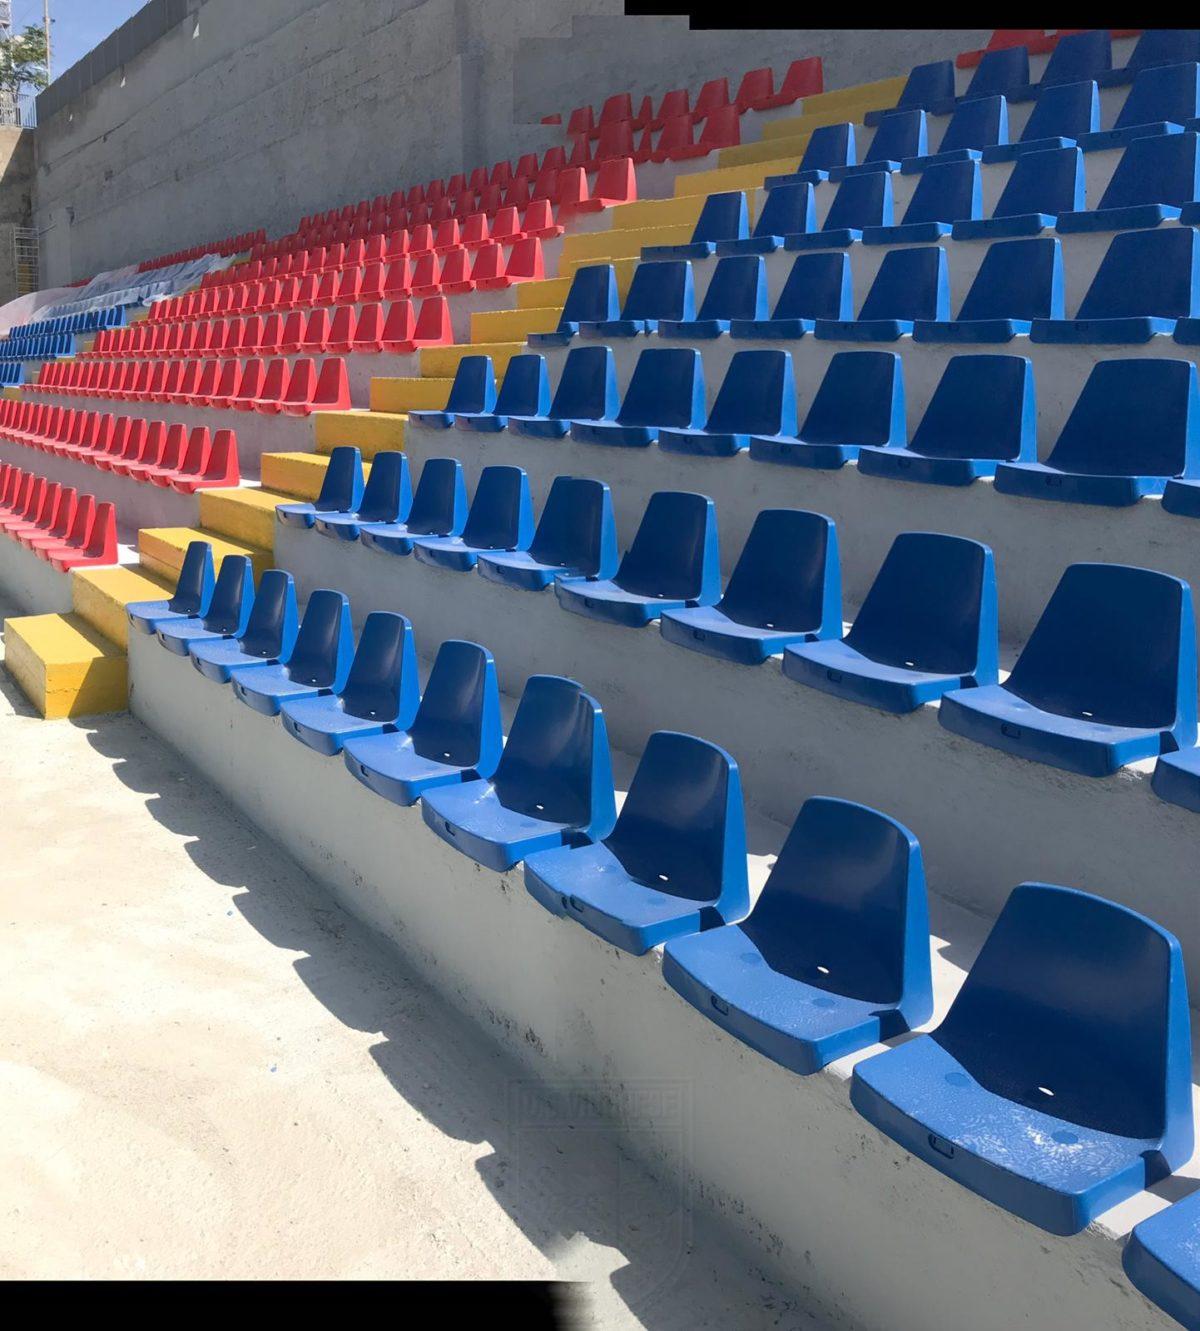 VIA LIBERA AL SETTORE OSPITI | La nuova gradinata è pronta ad ospitare i tifosi dell Avellino Calcio immagine 12893 US Vibonese Calcio